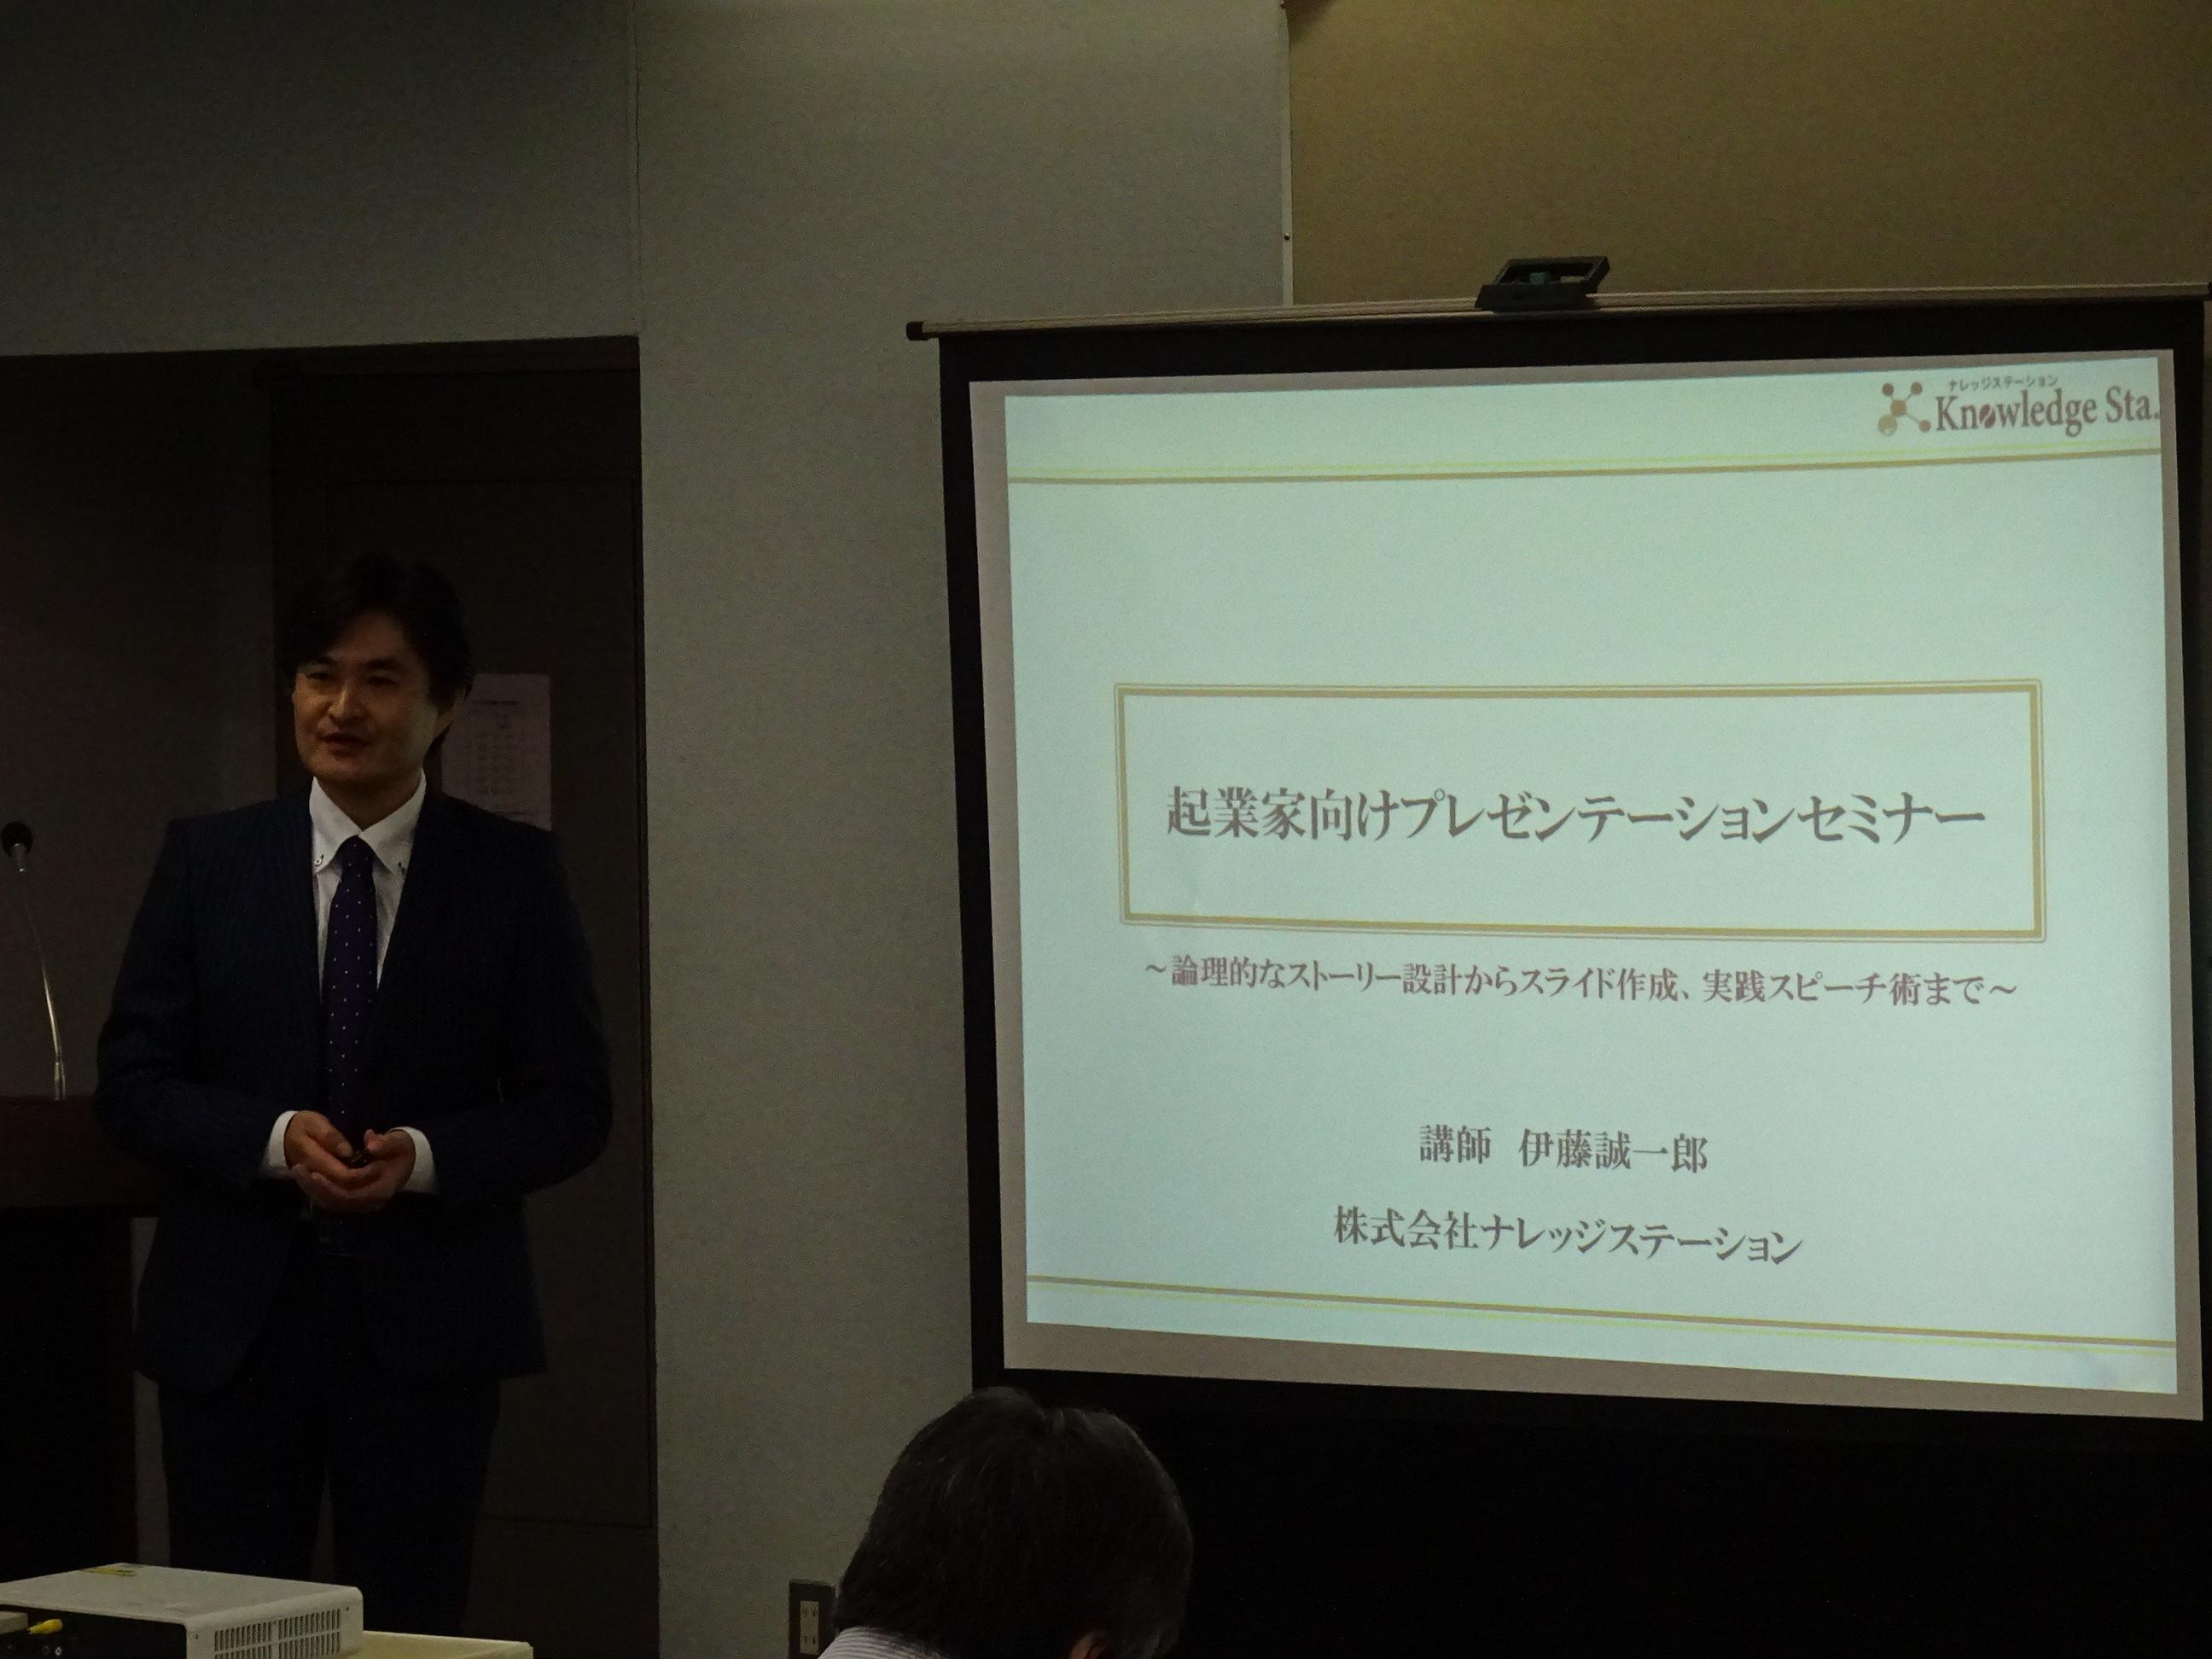 【北区】起業家向けプレゼンテーションセミナー画像01